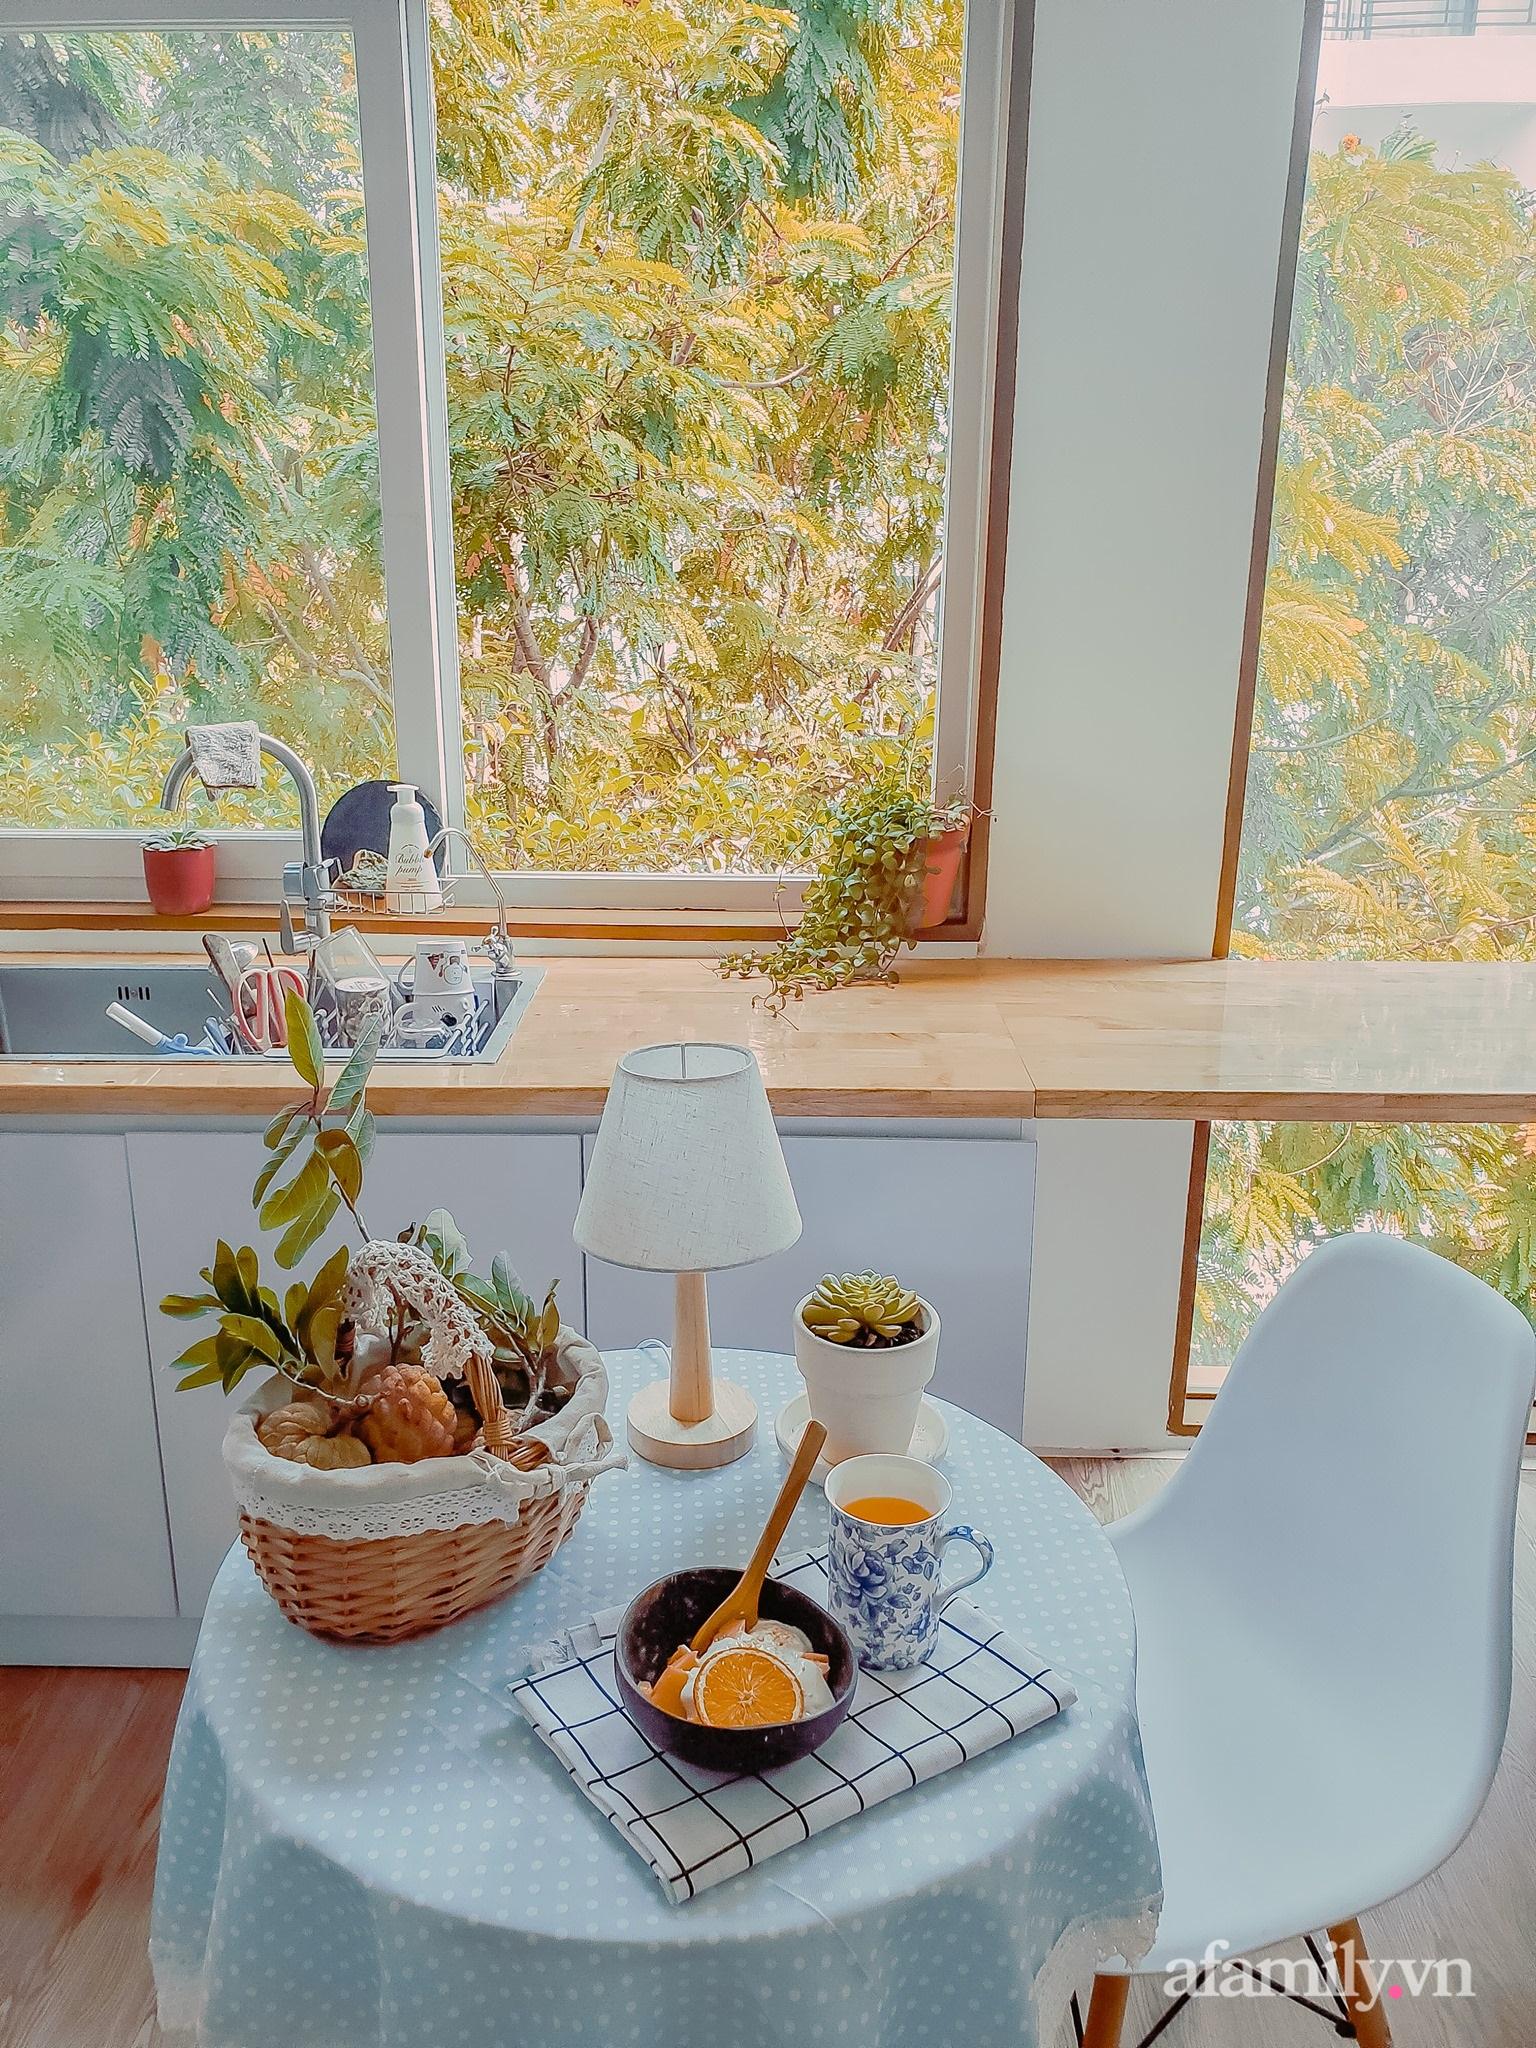 """Căn bếp """"lạ đời"""" trên tầng 4 trong căn nhà phố Sài Gòn luôn thơm nức mùi bơ bánh - Ảnh 12."""